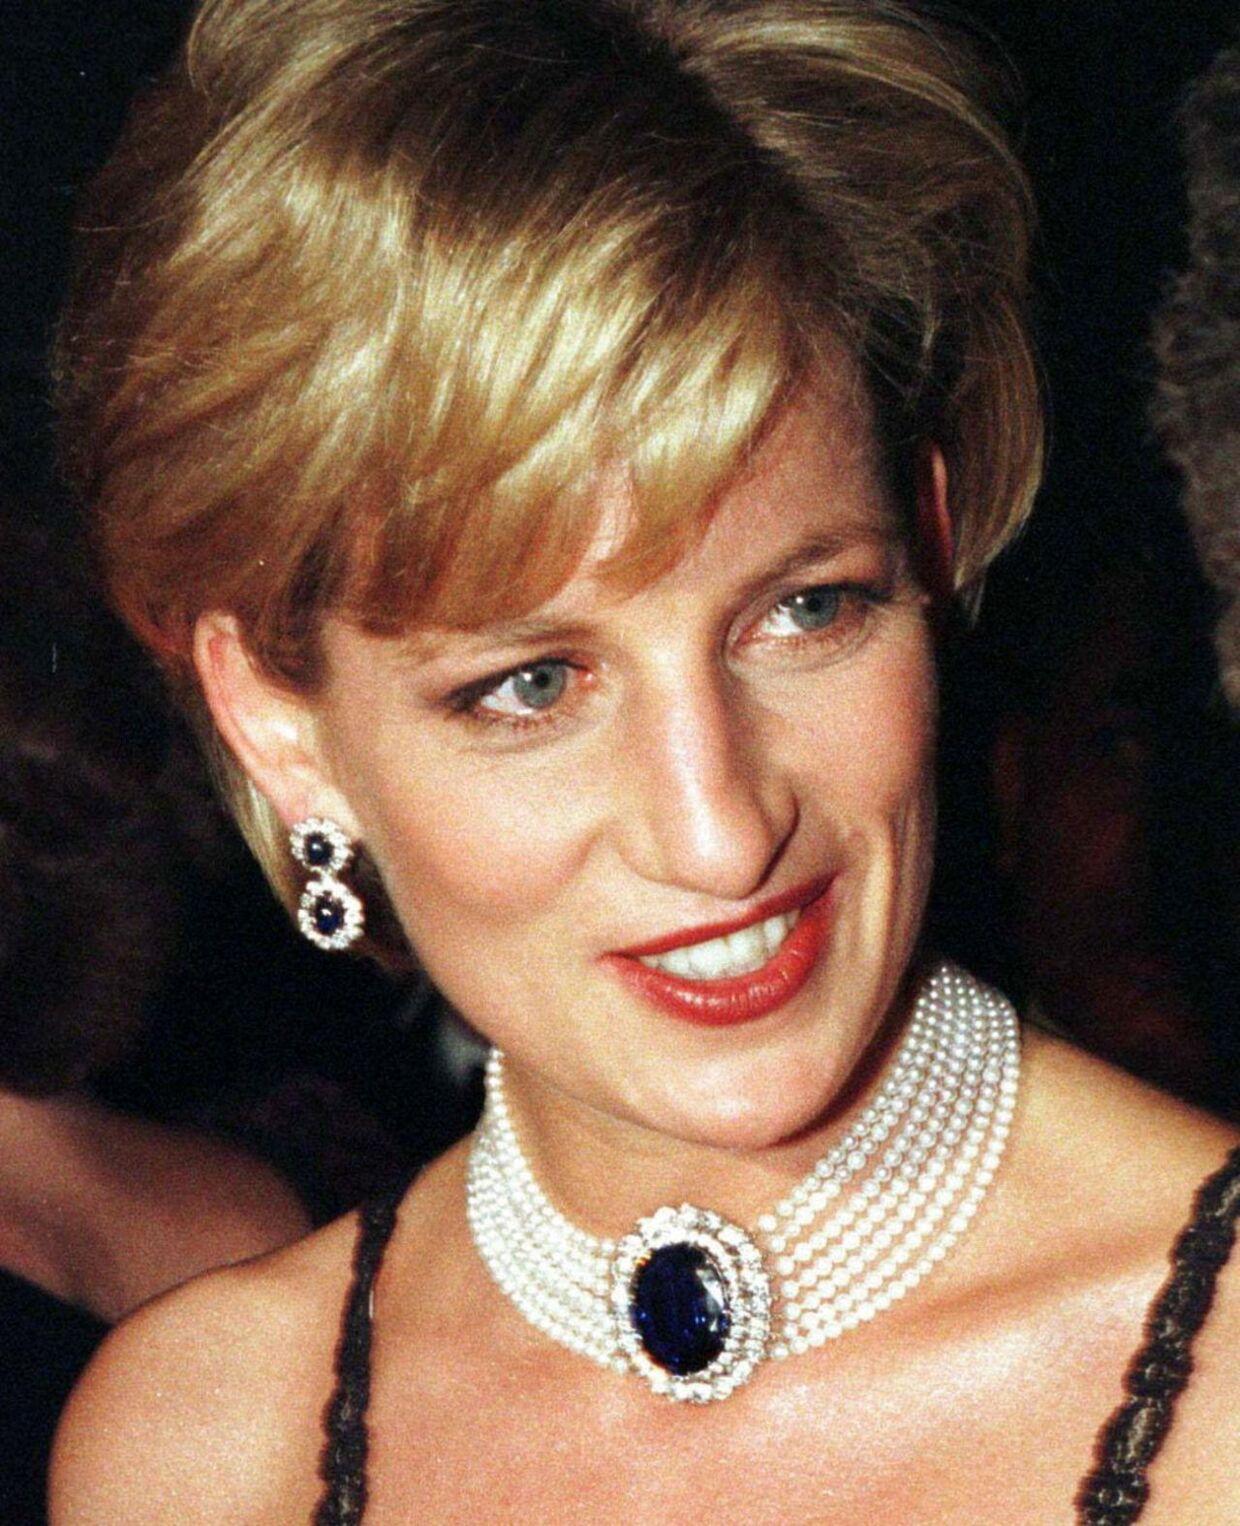 Godt 16 år efter prinsesse Dianas død hævder en ny kilde, at Diana, hendes elsker Dodi al Fayed og bilens chauffør Henri Paul alle blev myrdet af et medlem af det britiske militær. (Foto: Don Pollard, REUTERS)